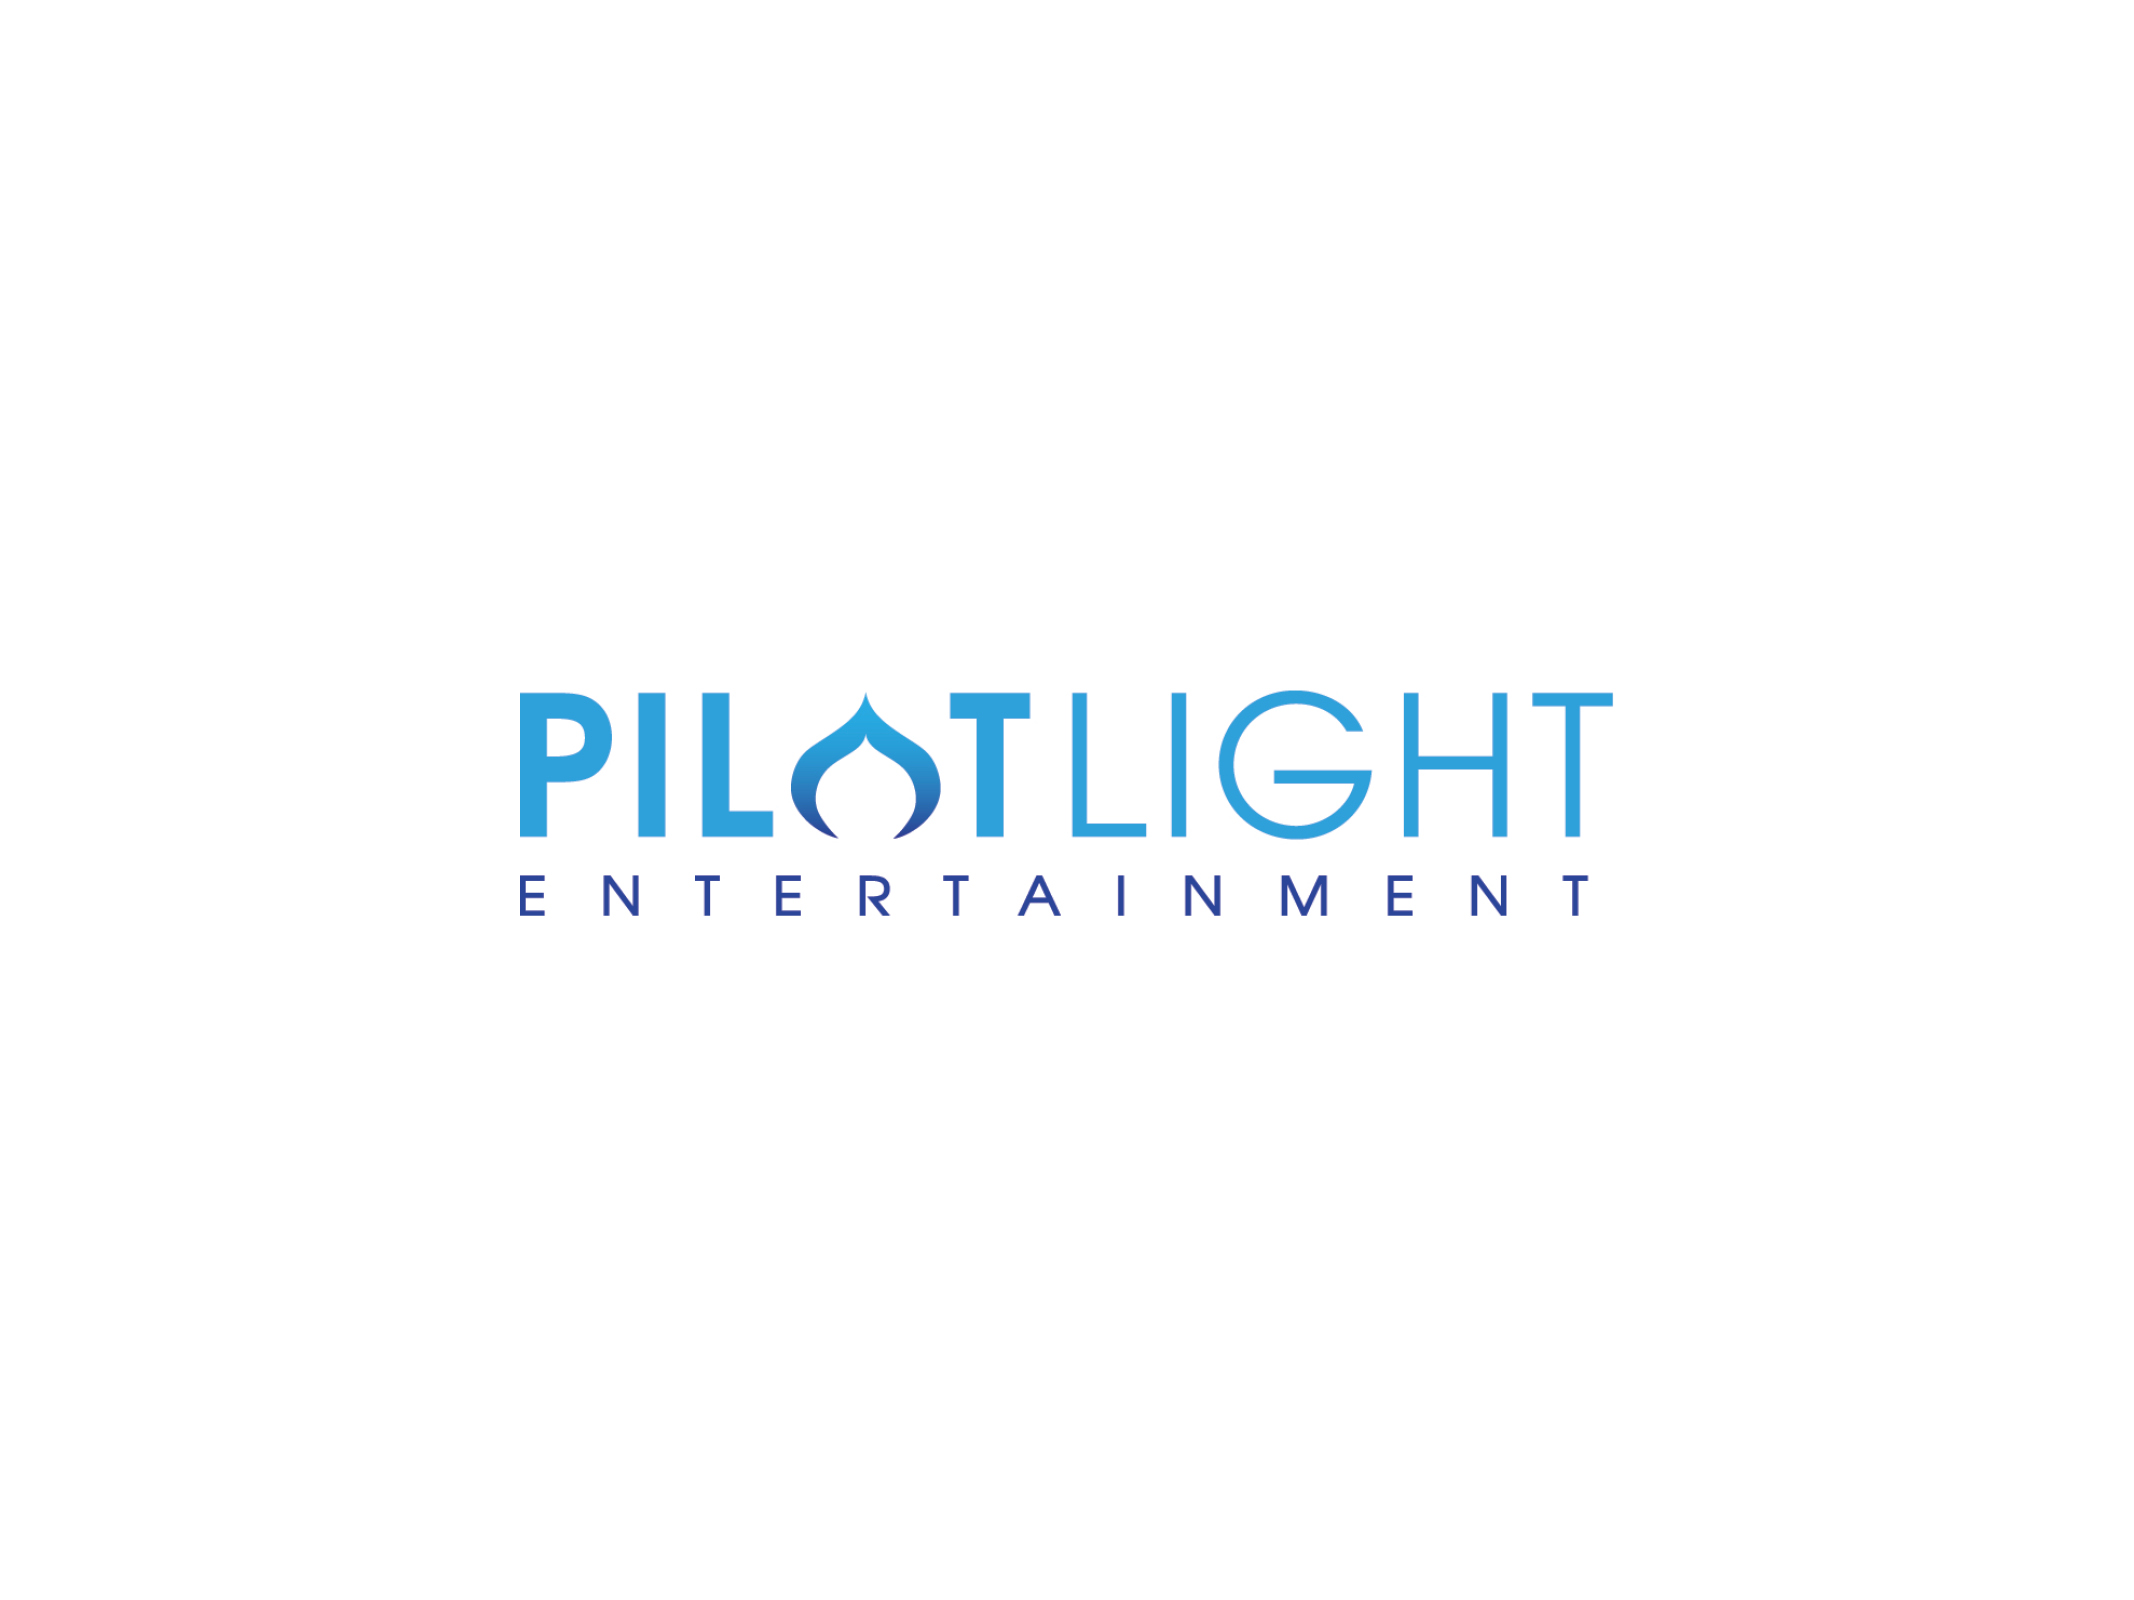 Monokrom | Pilot Light Logo